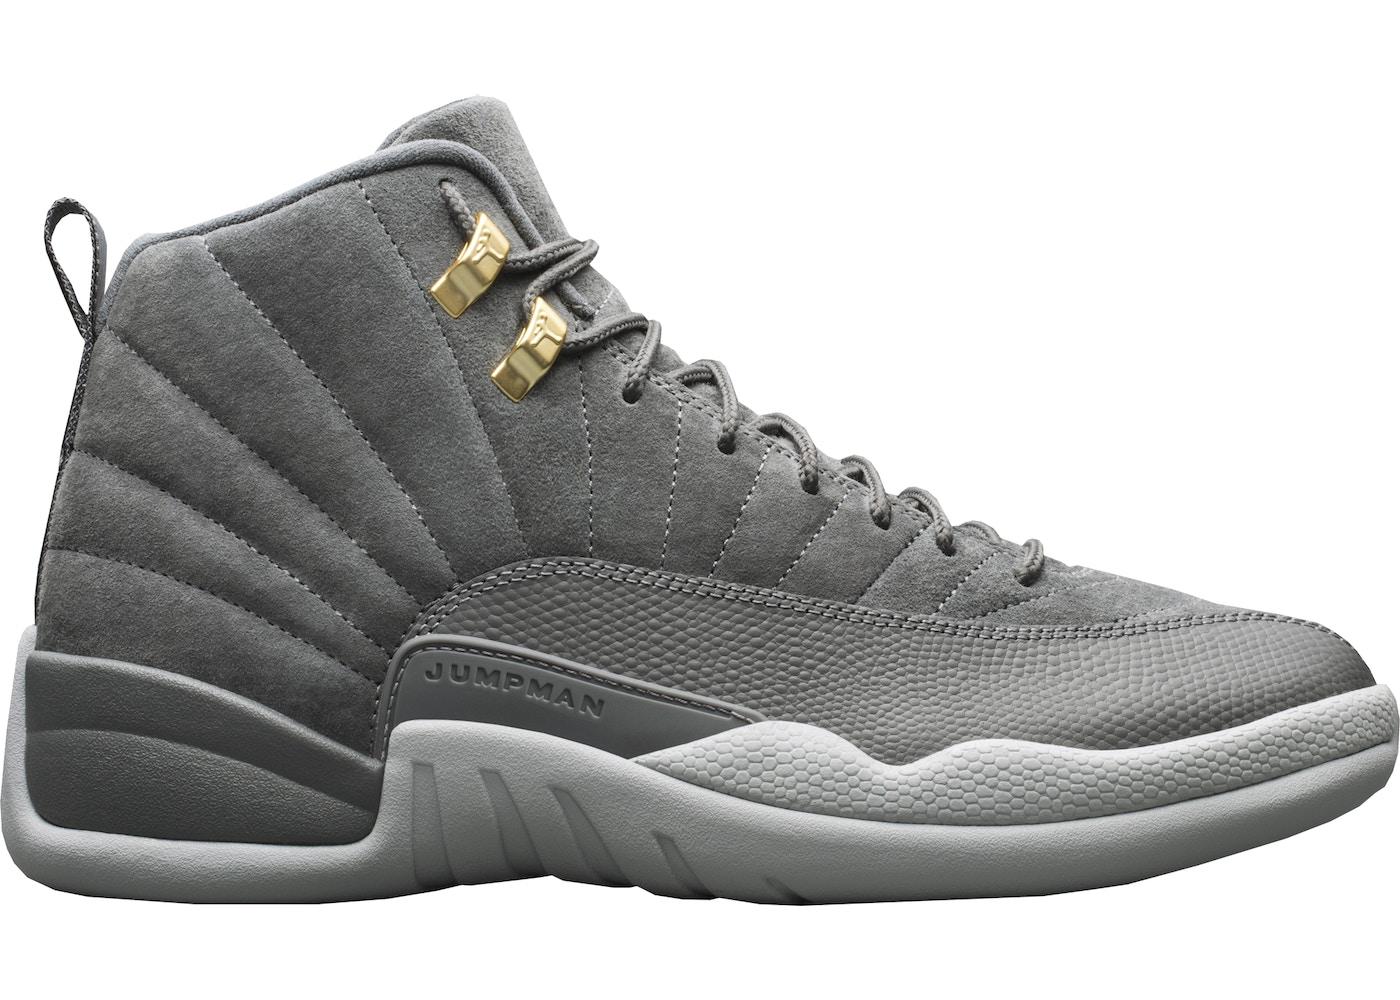 Buy Air Jordan 12 Size 17 Shoes   Deadstock Sneakers f4d1fccae